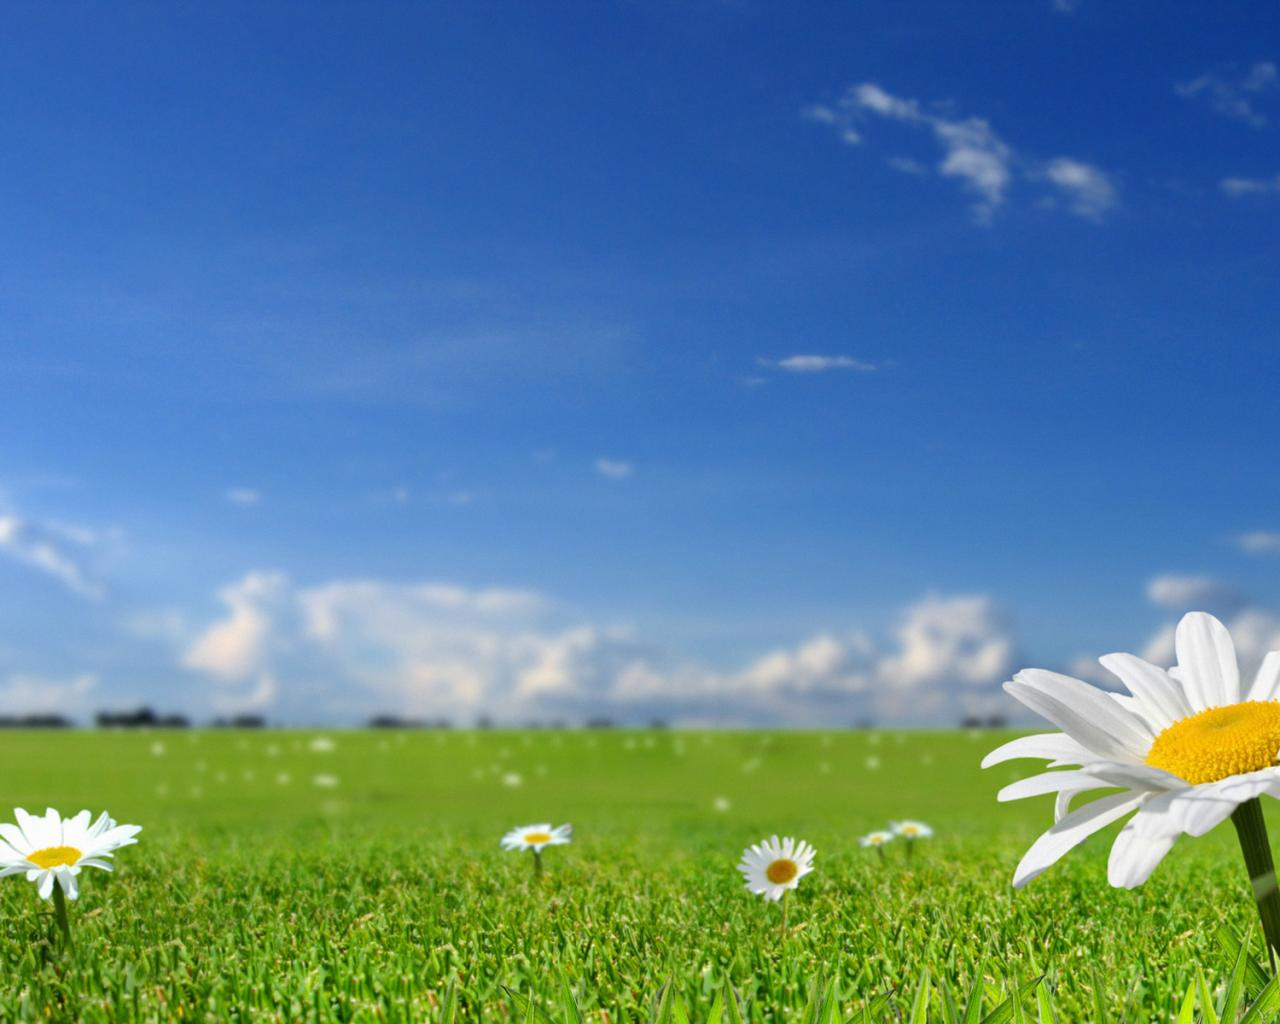 Ромашковое поле летняя тема обои для